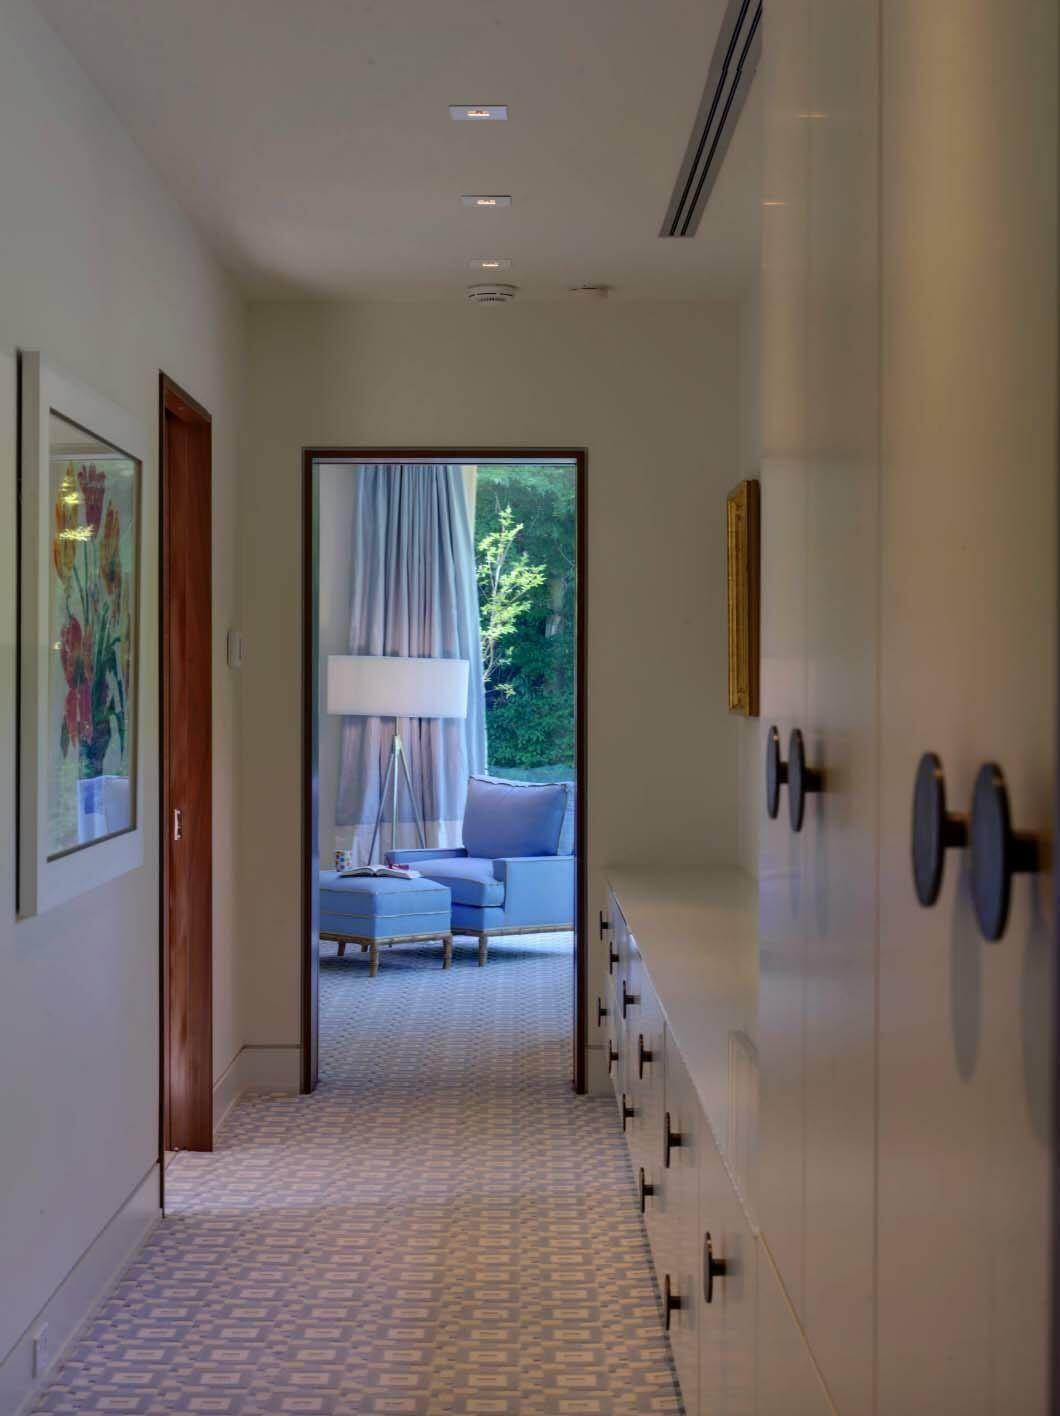 Light Flooded Contemporary Retreat Nestled Hillside In Maryland Zeitgenossische Badezimmer Schlafzimmerrenovierung Renovieren